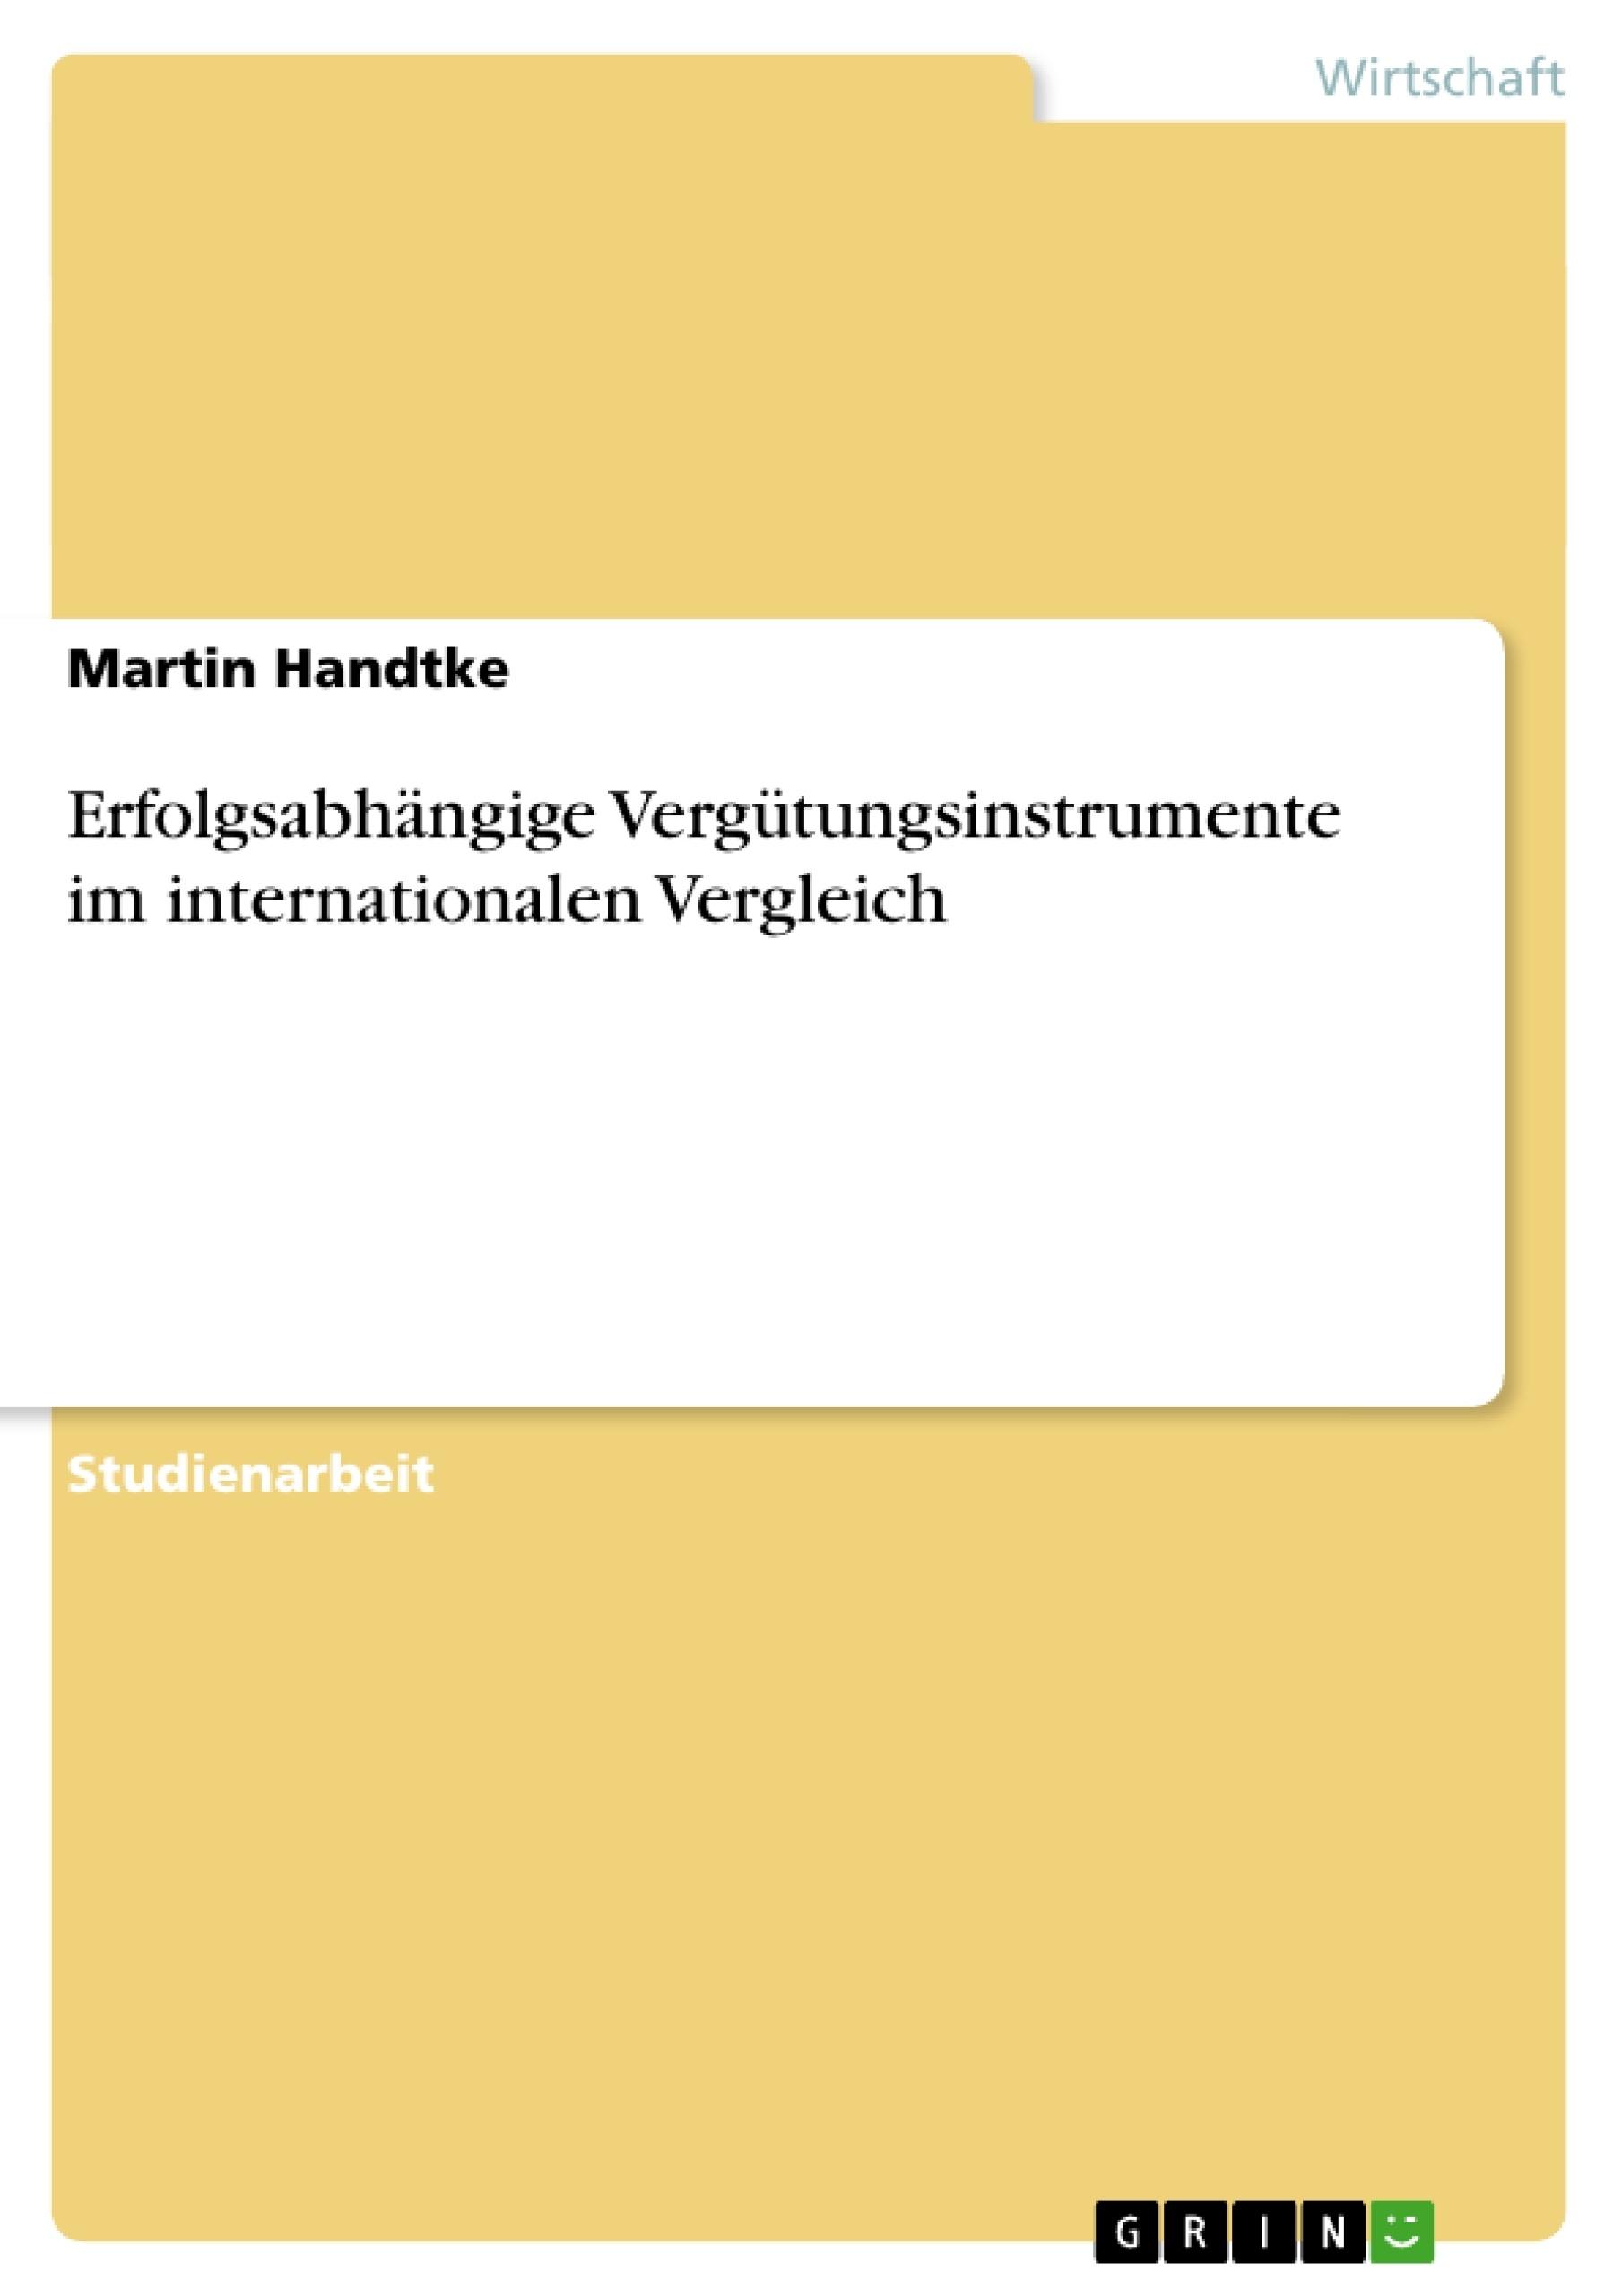 Titel: Erfolgsabhängige Vergütungsinstrumente im internationalen Vergleich